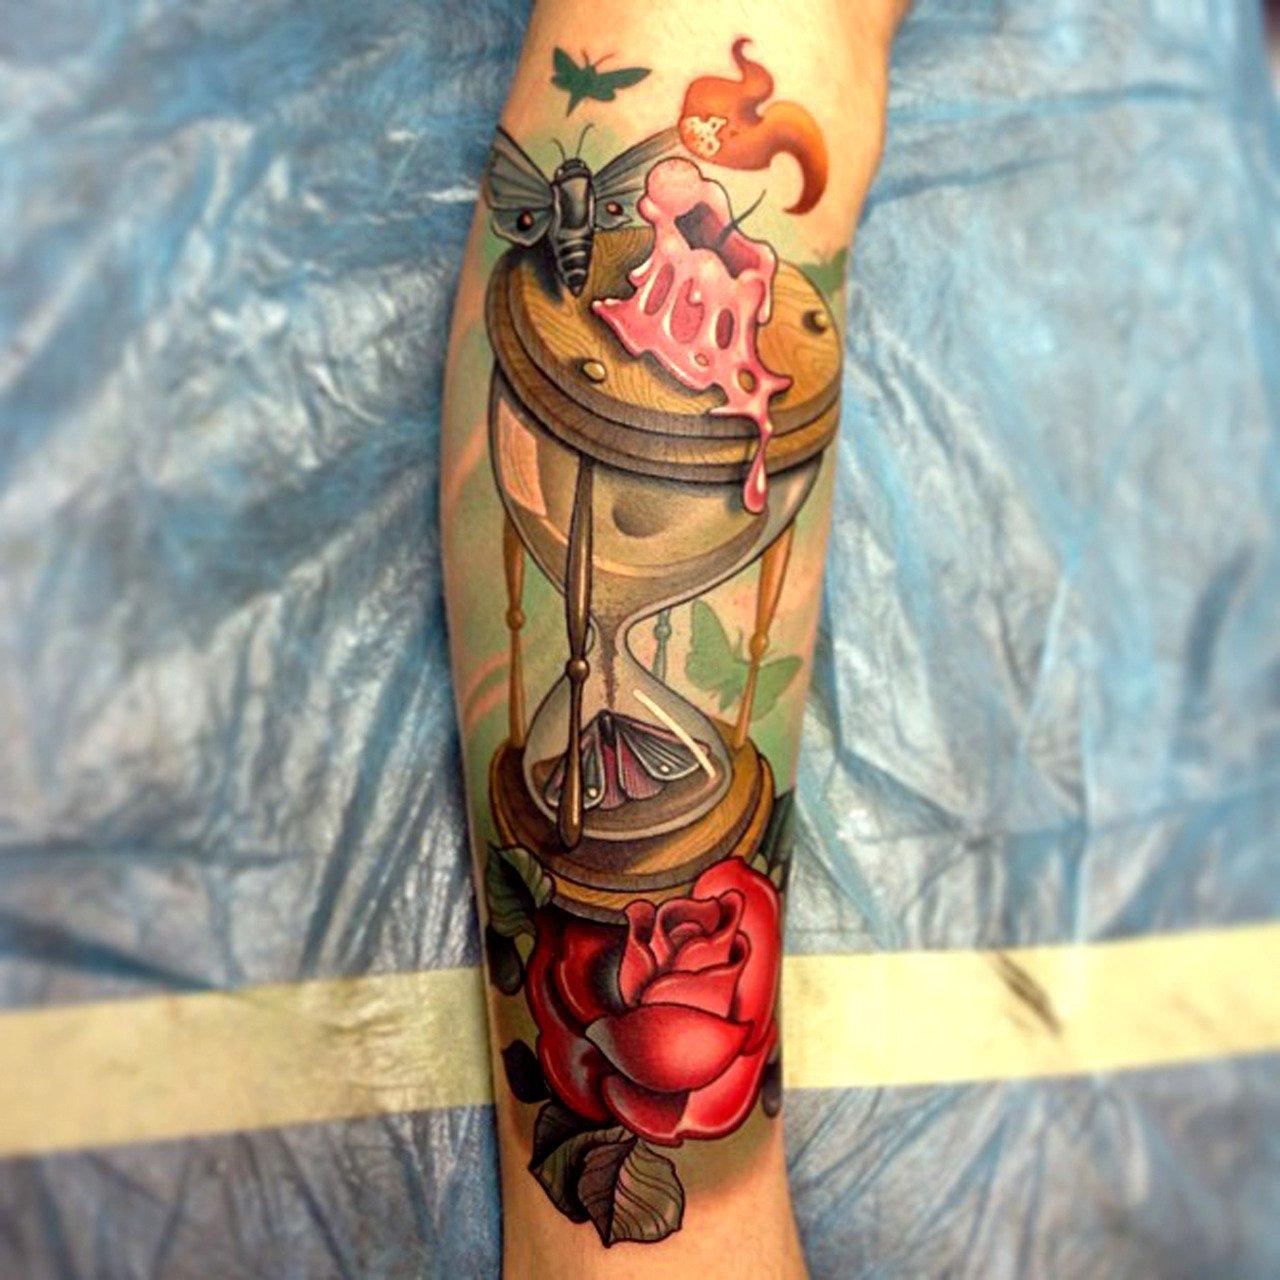 Nietypowe tatuaże #5 13